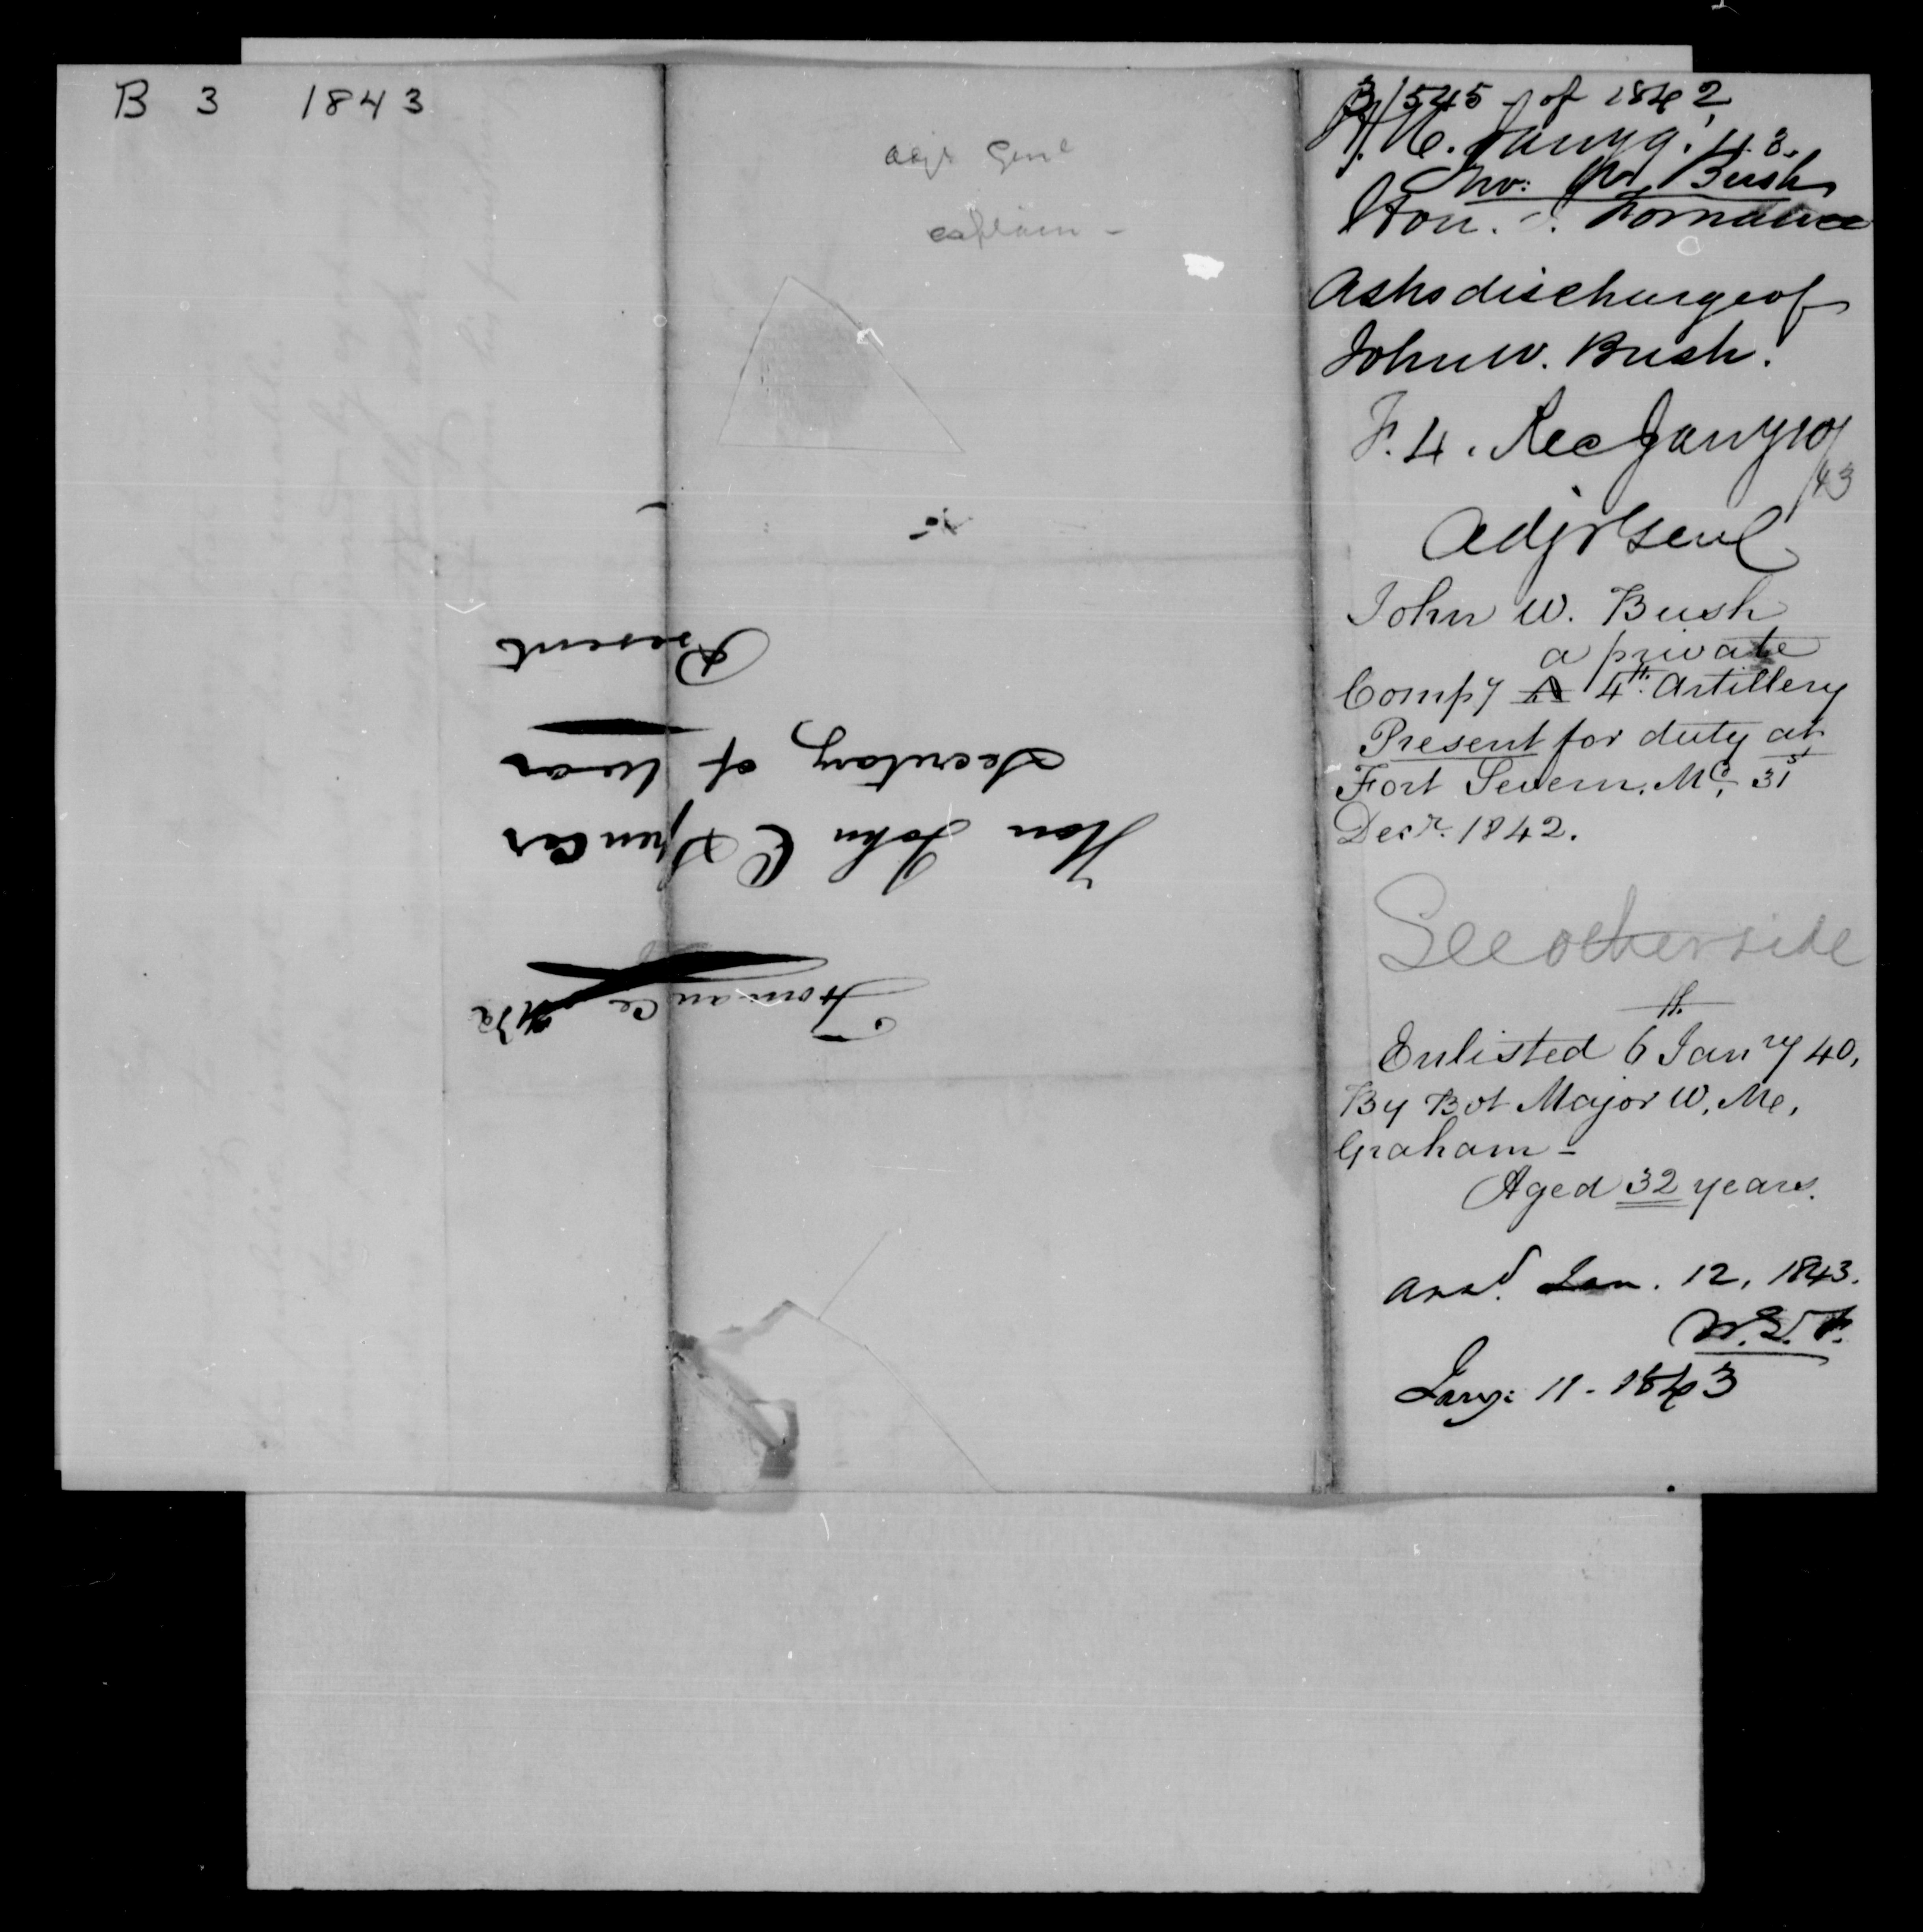 Bush, John W - 1843 - File No. B3